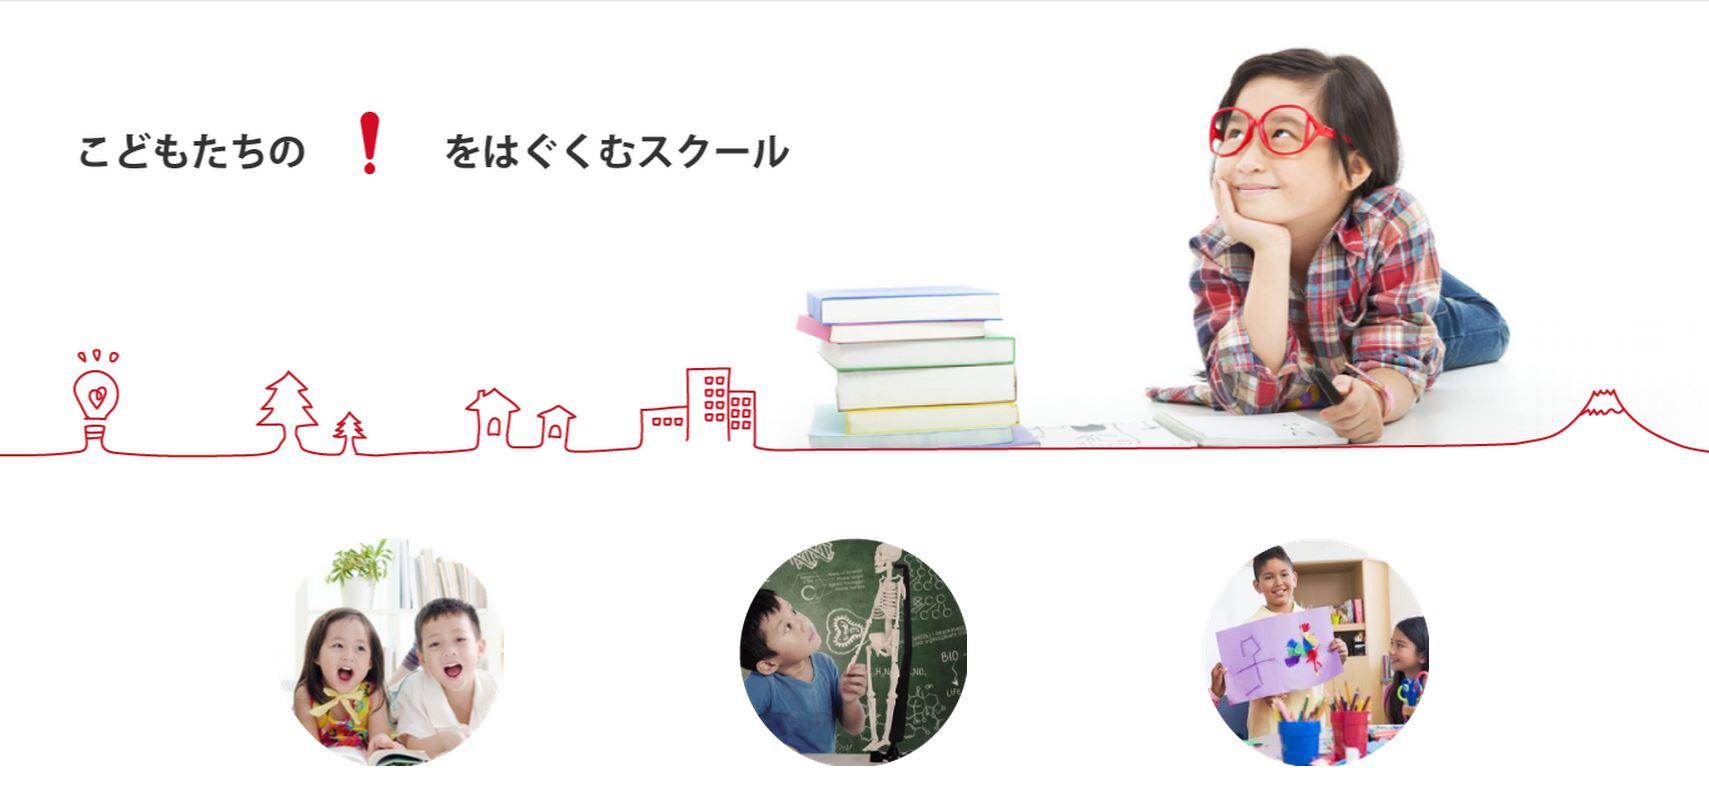 pic_int_nishiyama